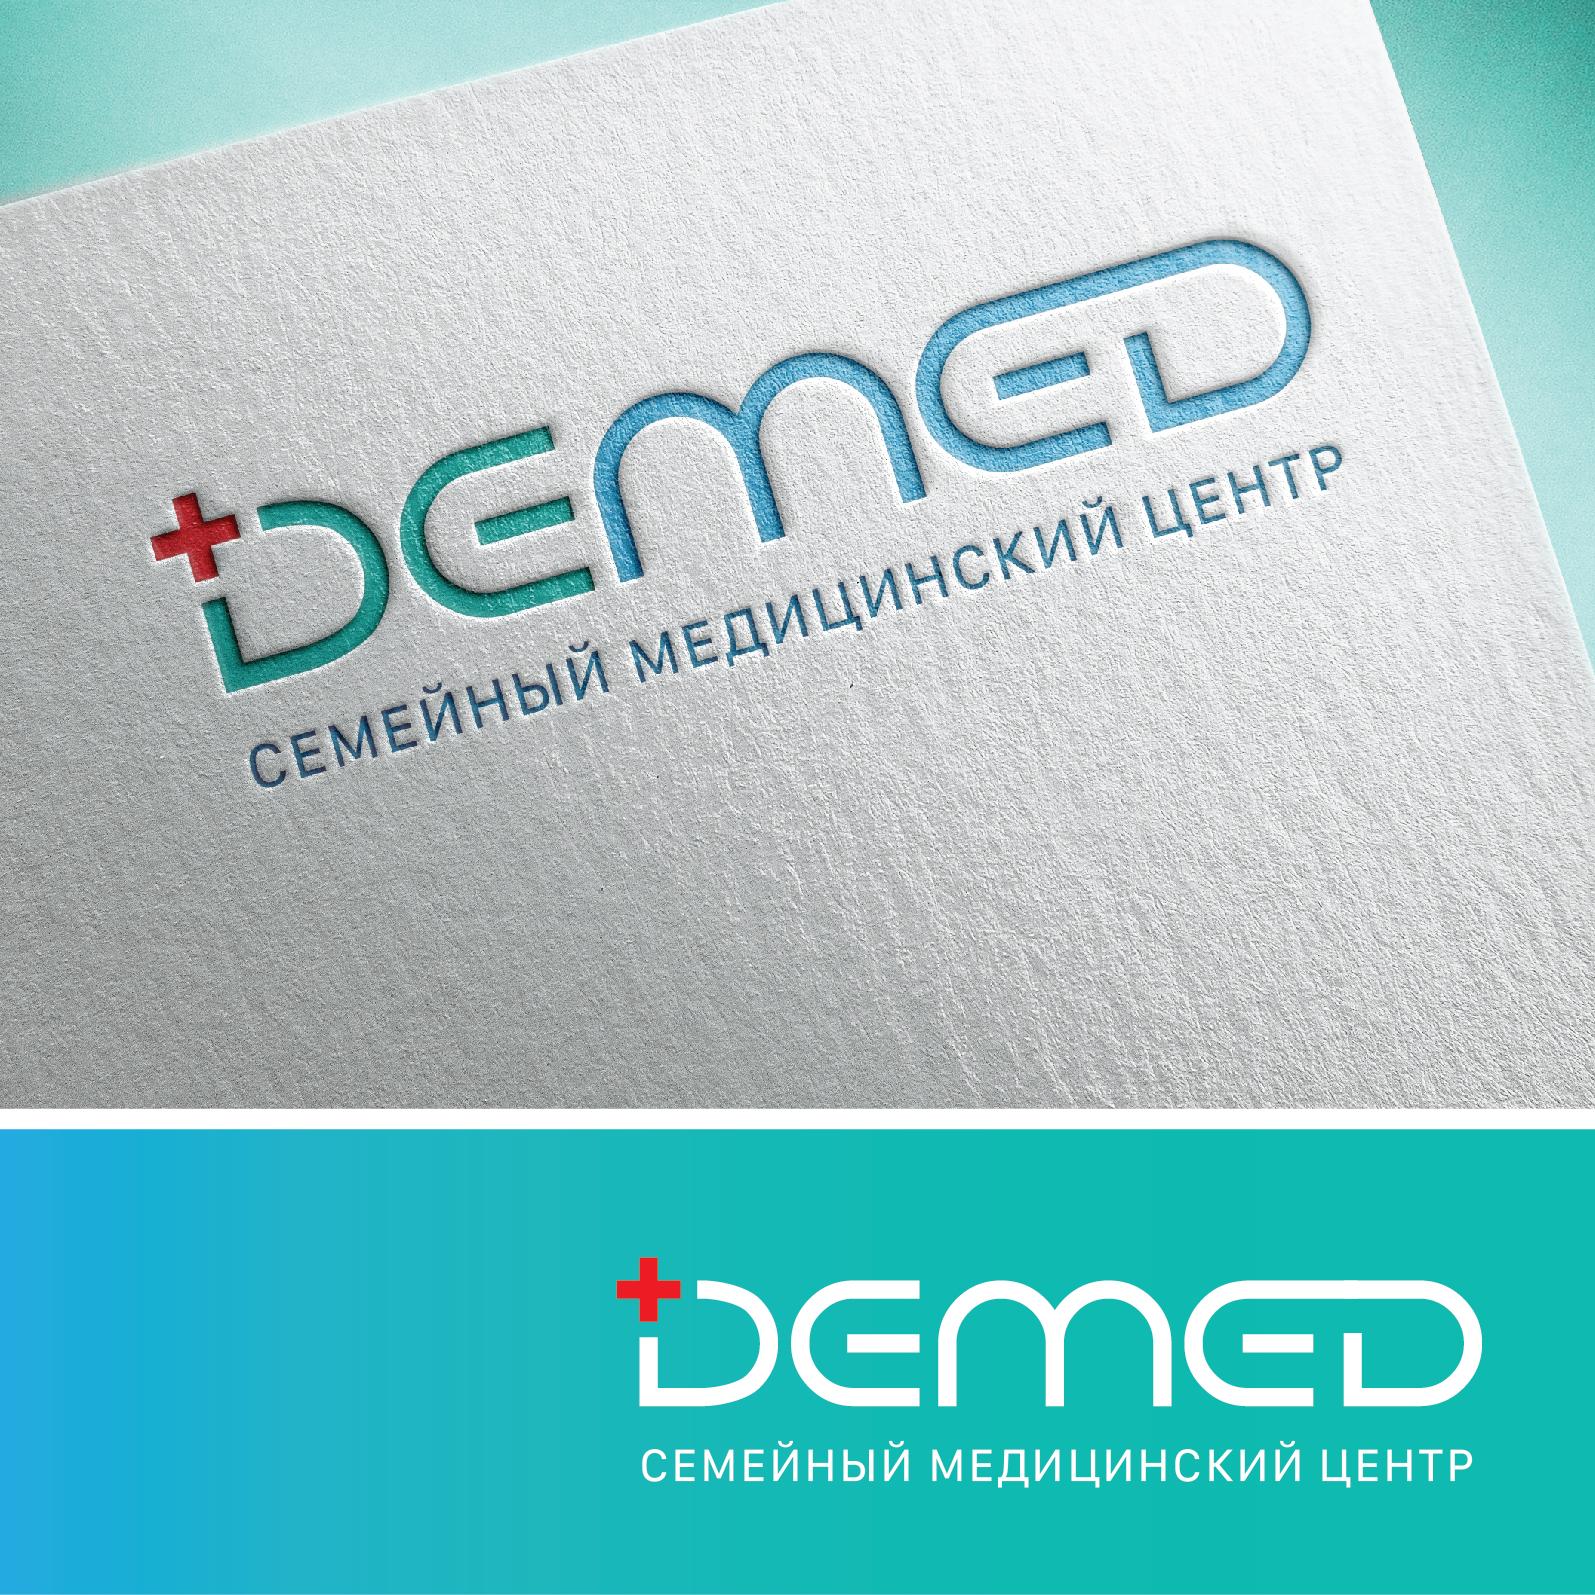 Логотип медицинского центра фото f_0335dc5b56fd22cf.jpg